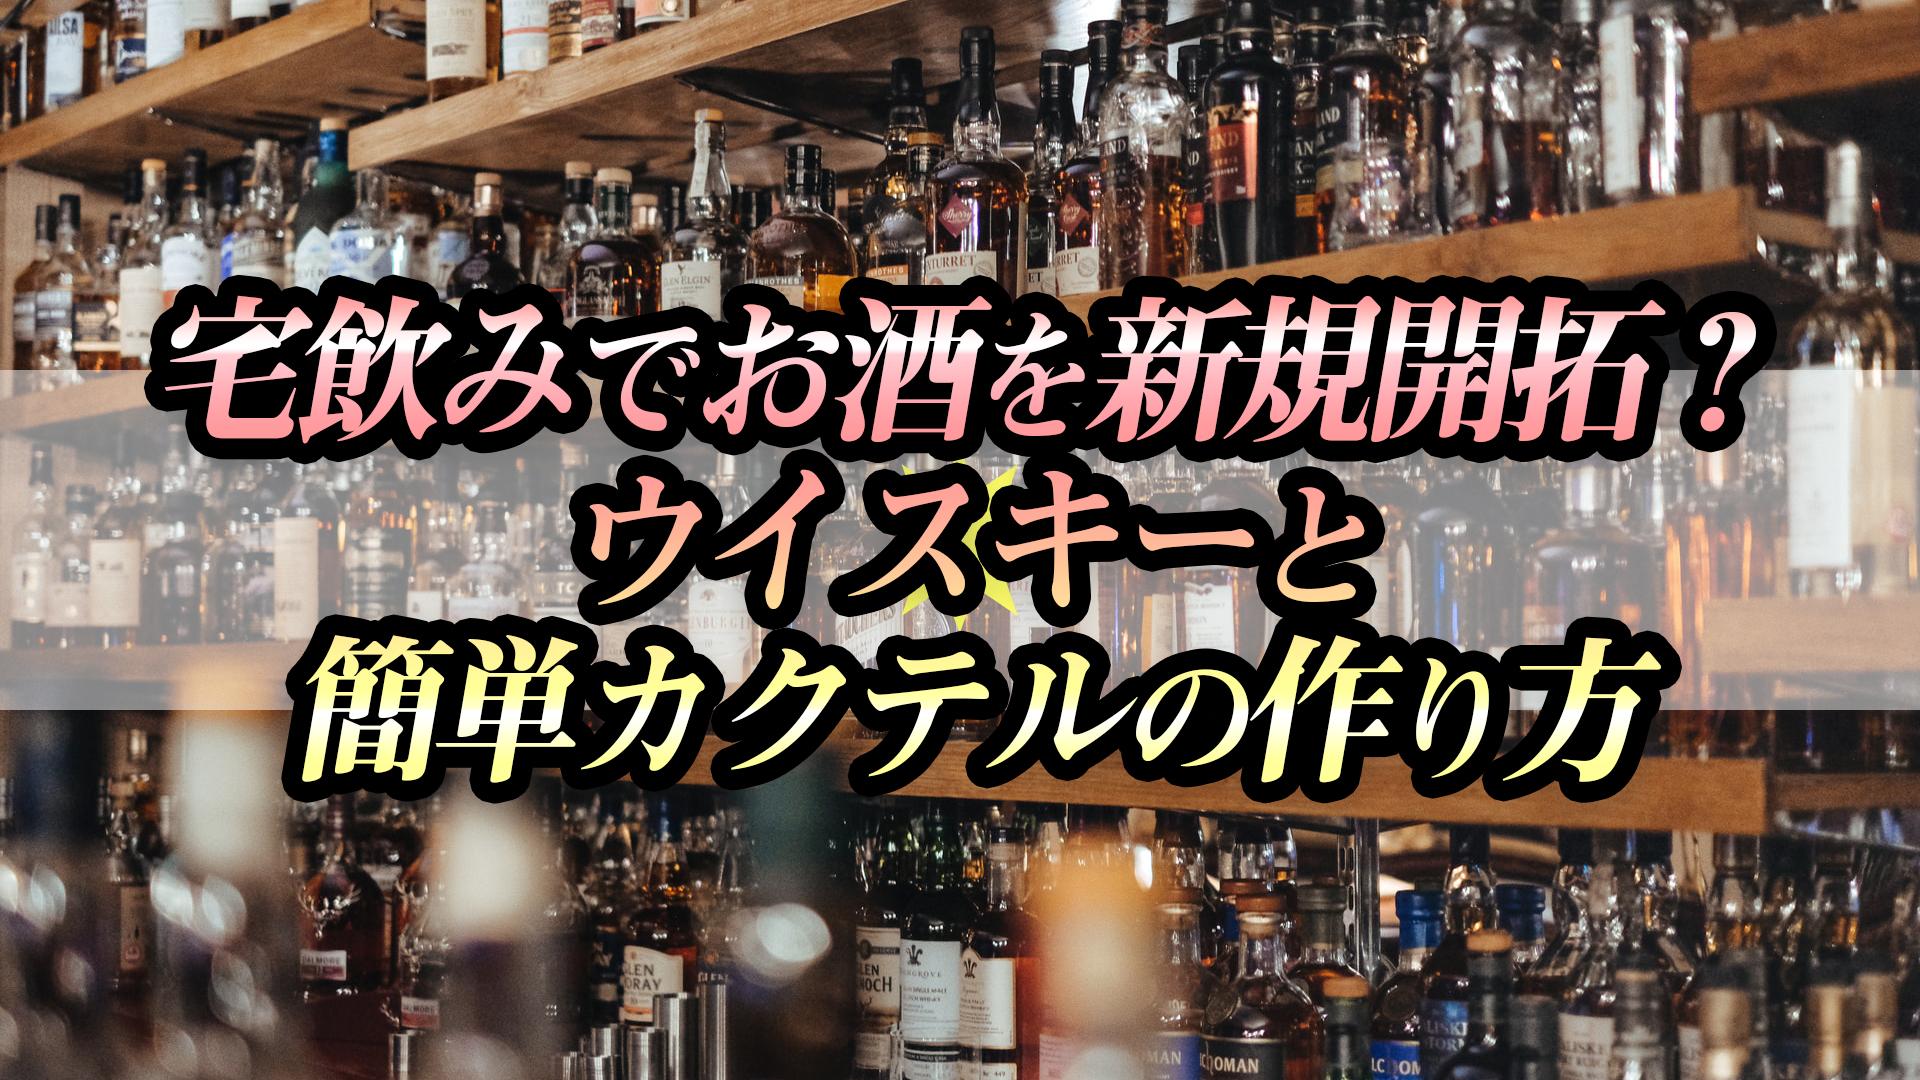 宅飲みでお酒を新規開拓?ウイスキーと簡単カクテルの作り方